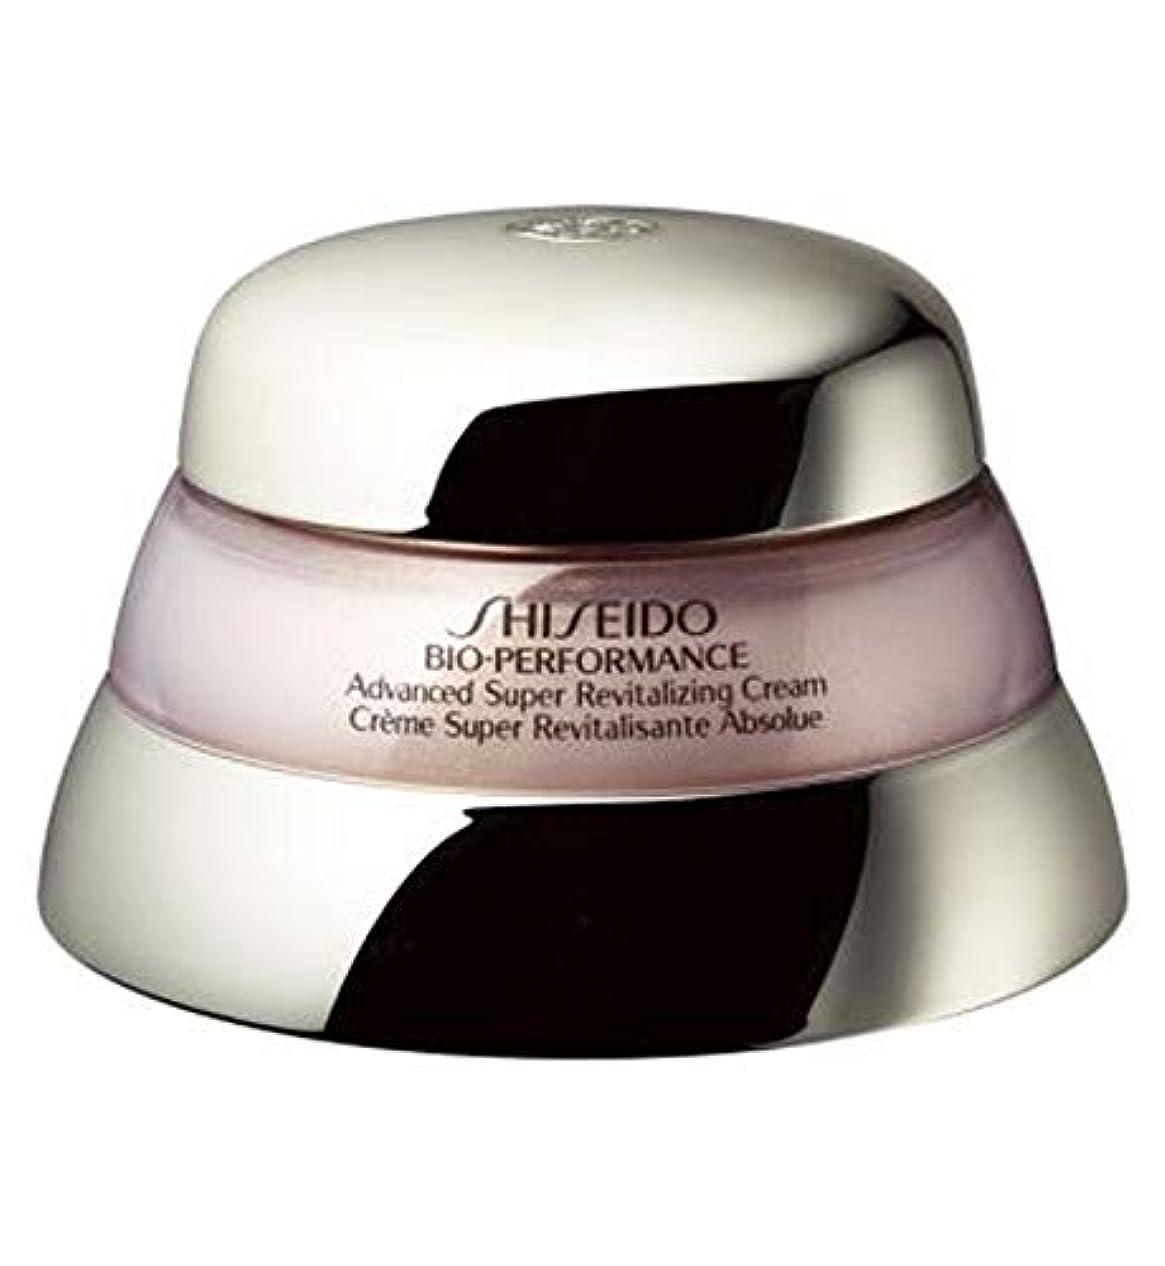 方向共和国暗黙[Shiseido] 資生堂バイオ - パフォーマンスがスーパーリバイタライジングクリーム50Mlを進めました - Shiseido Bio - Performance Advanced Super Revitalizing...